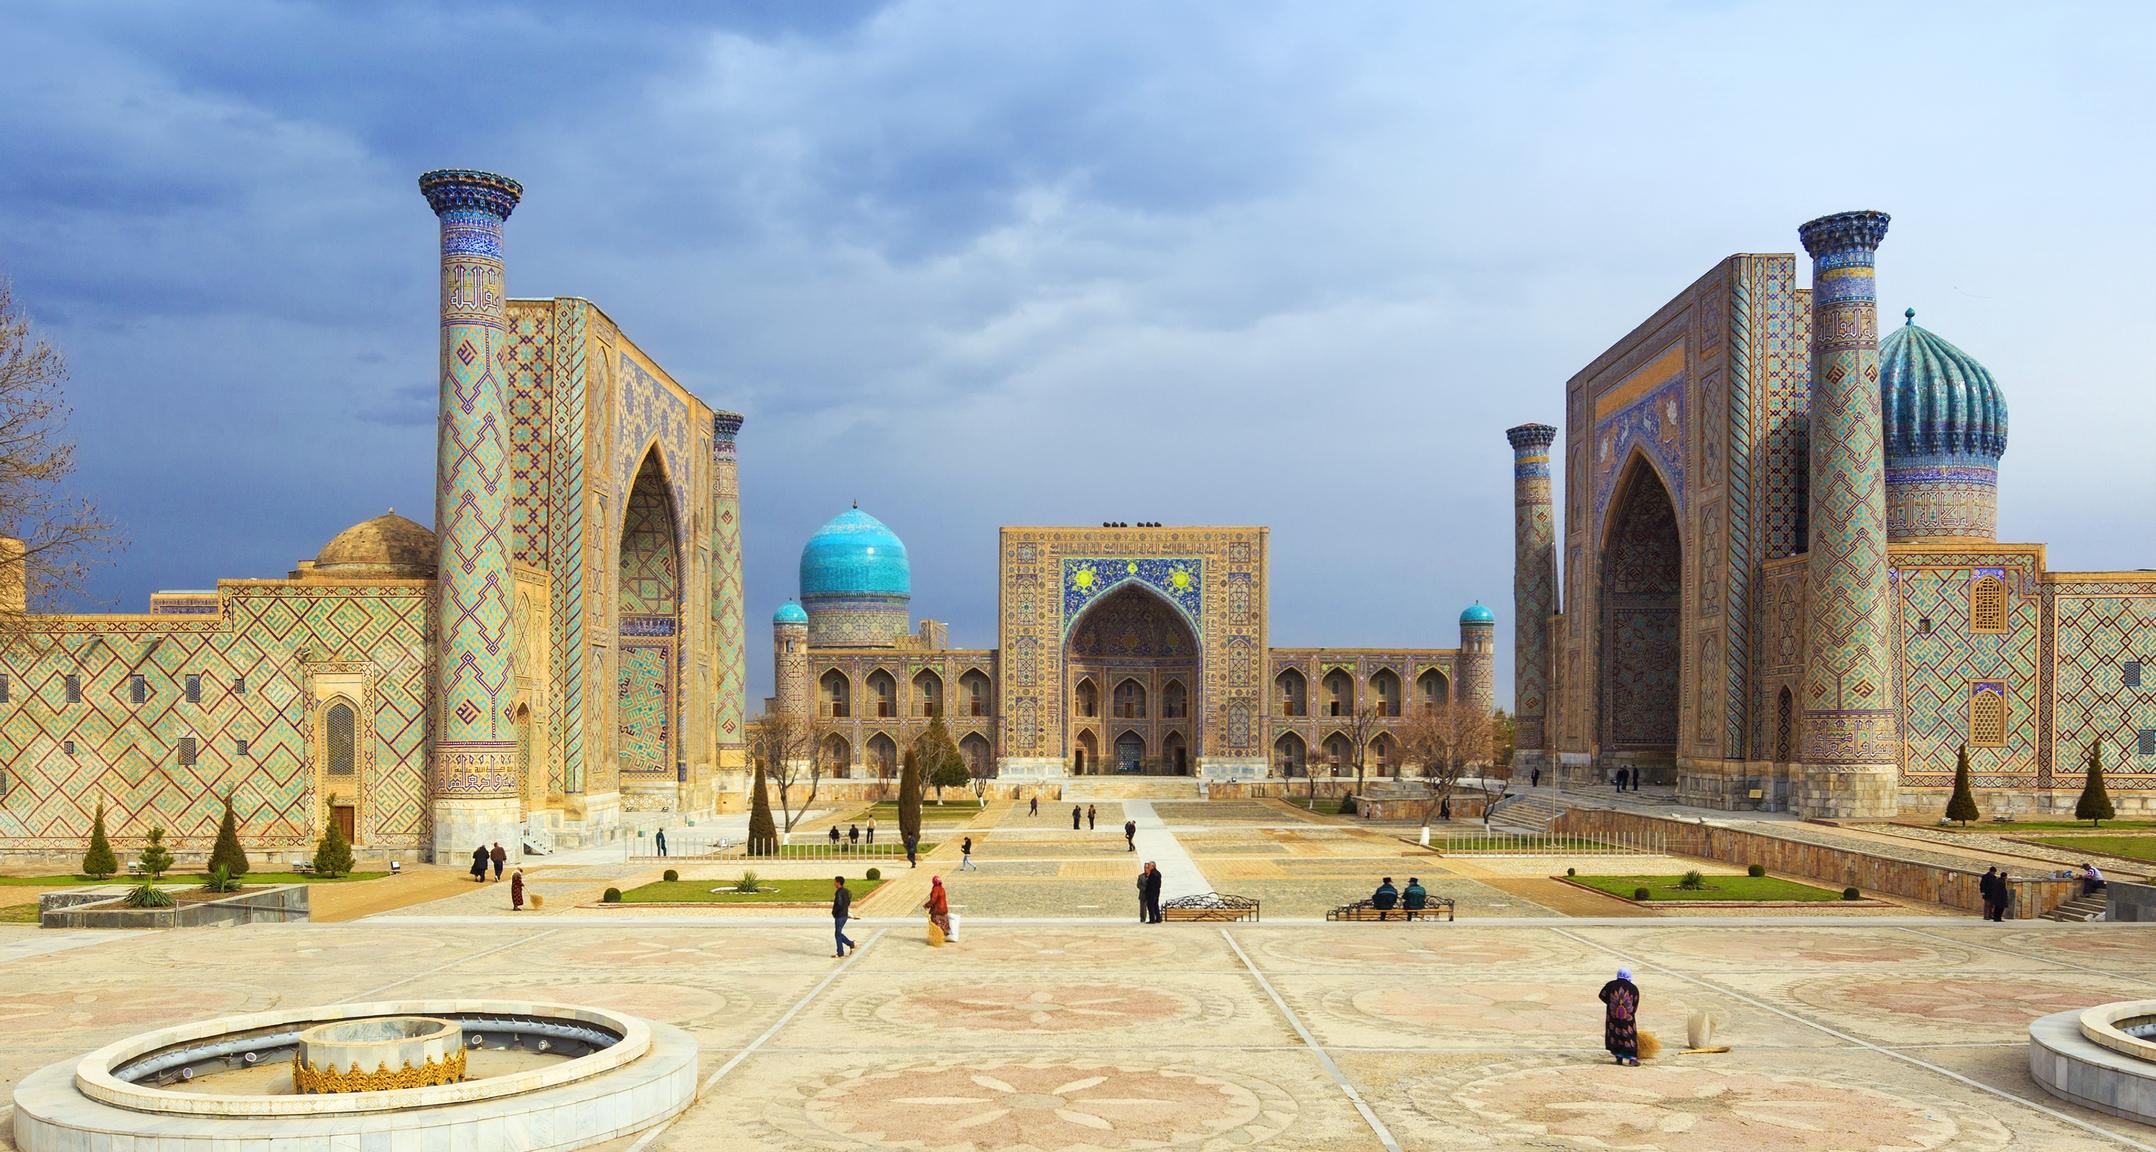 tashkent essay